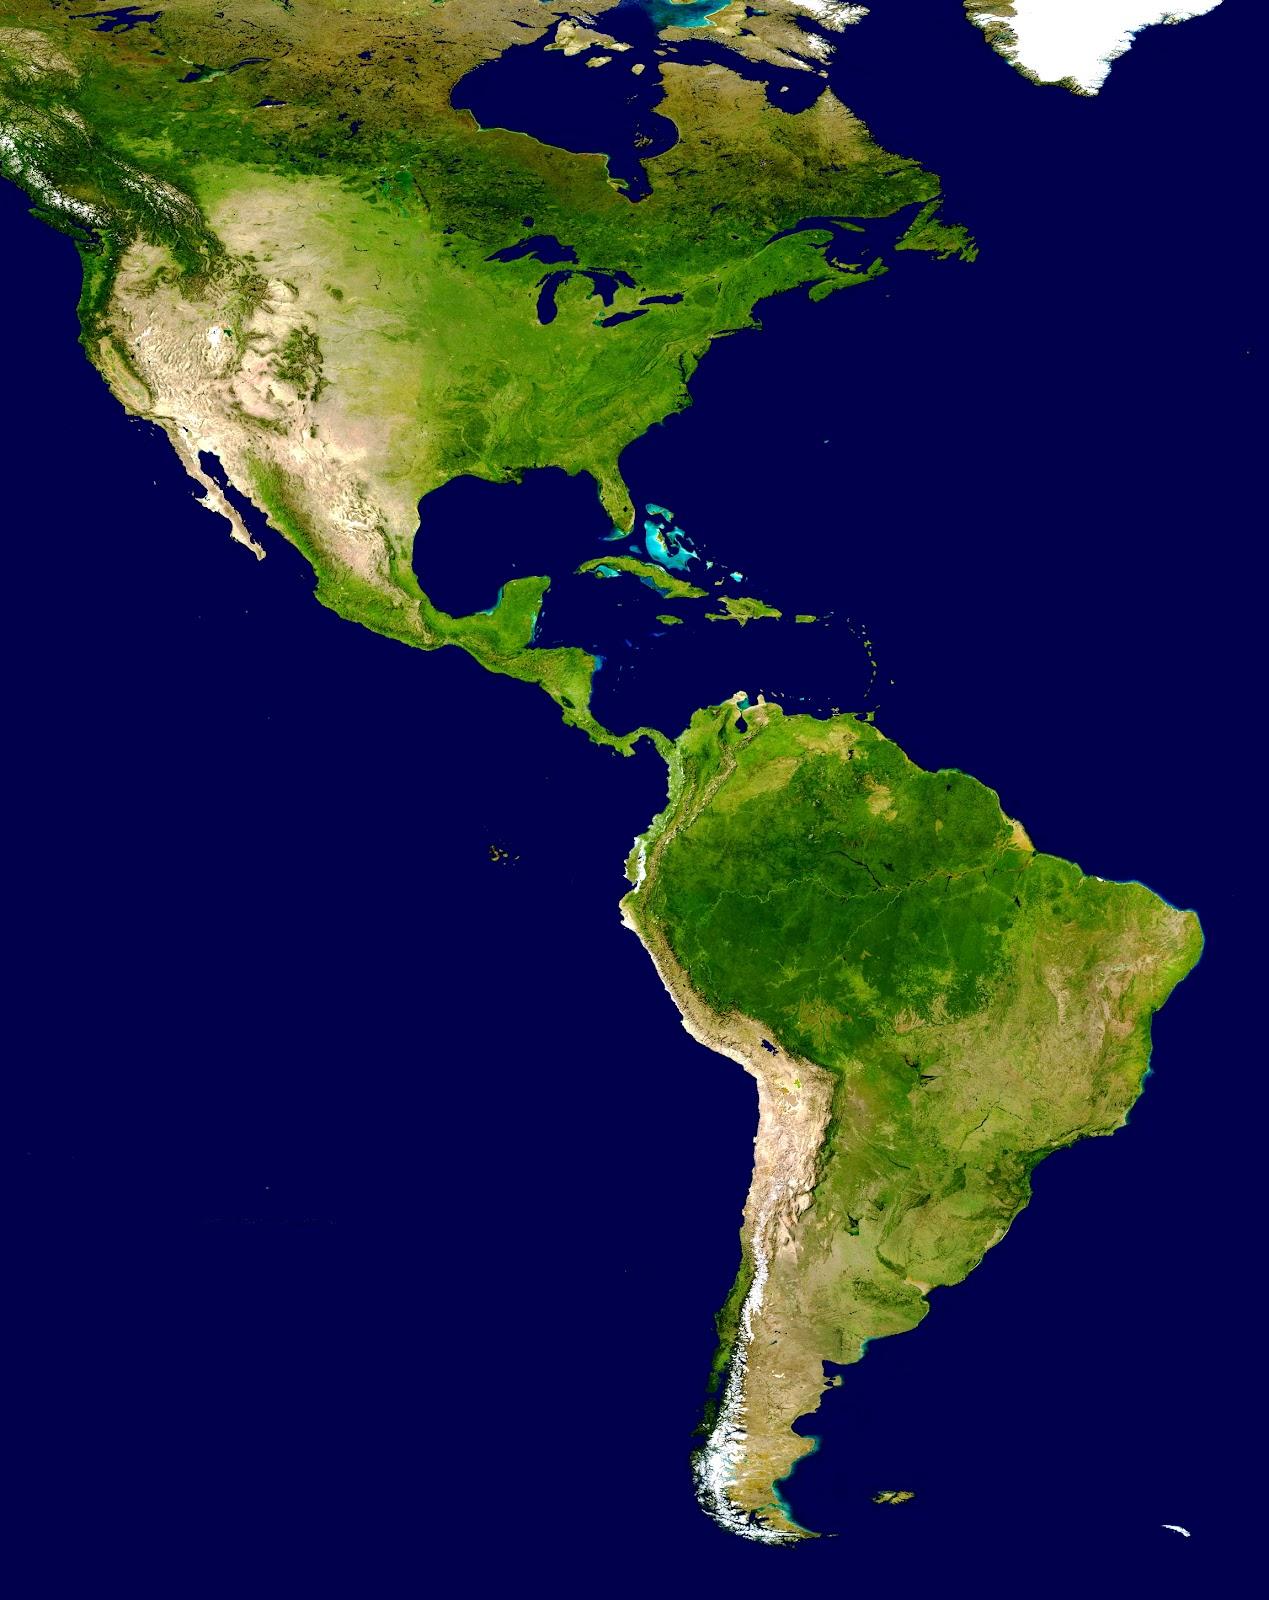 américa imagem de satélite o continente americano é comumente ...